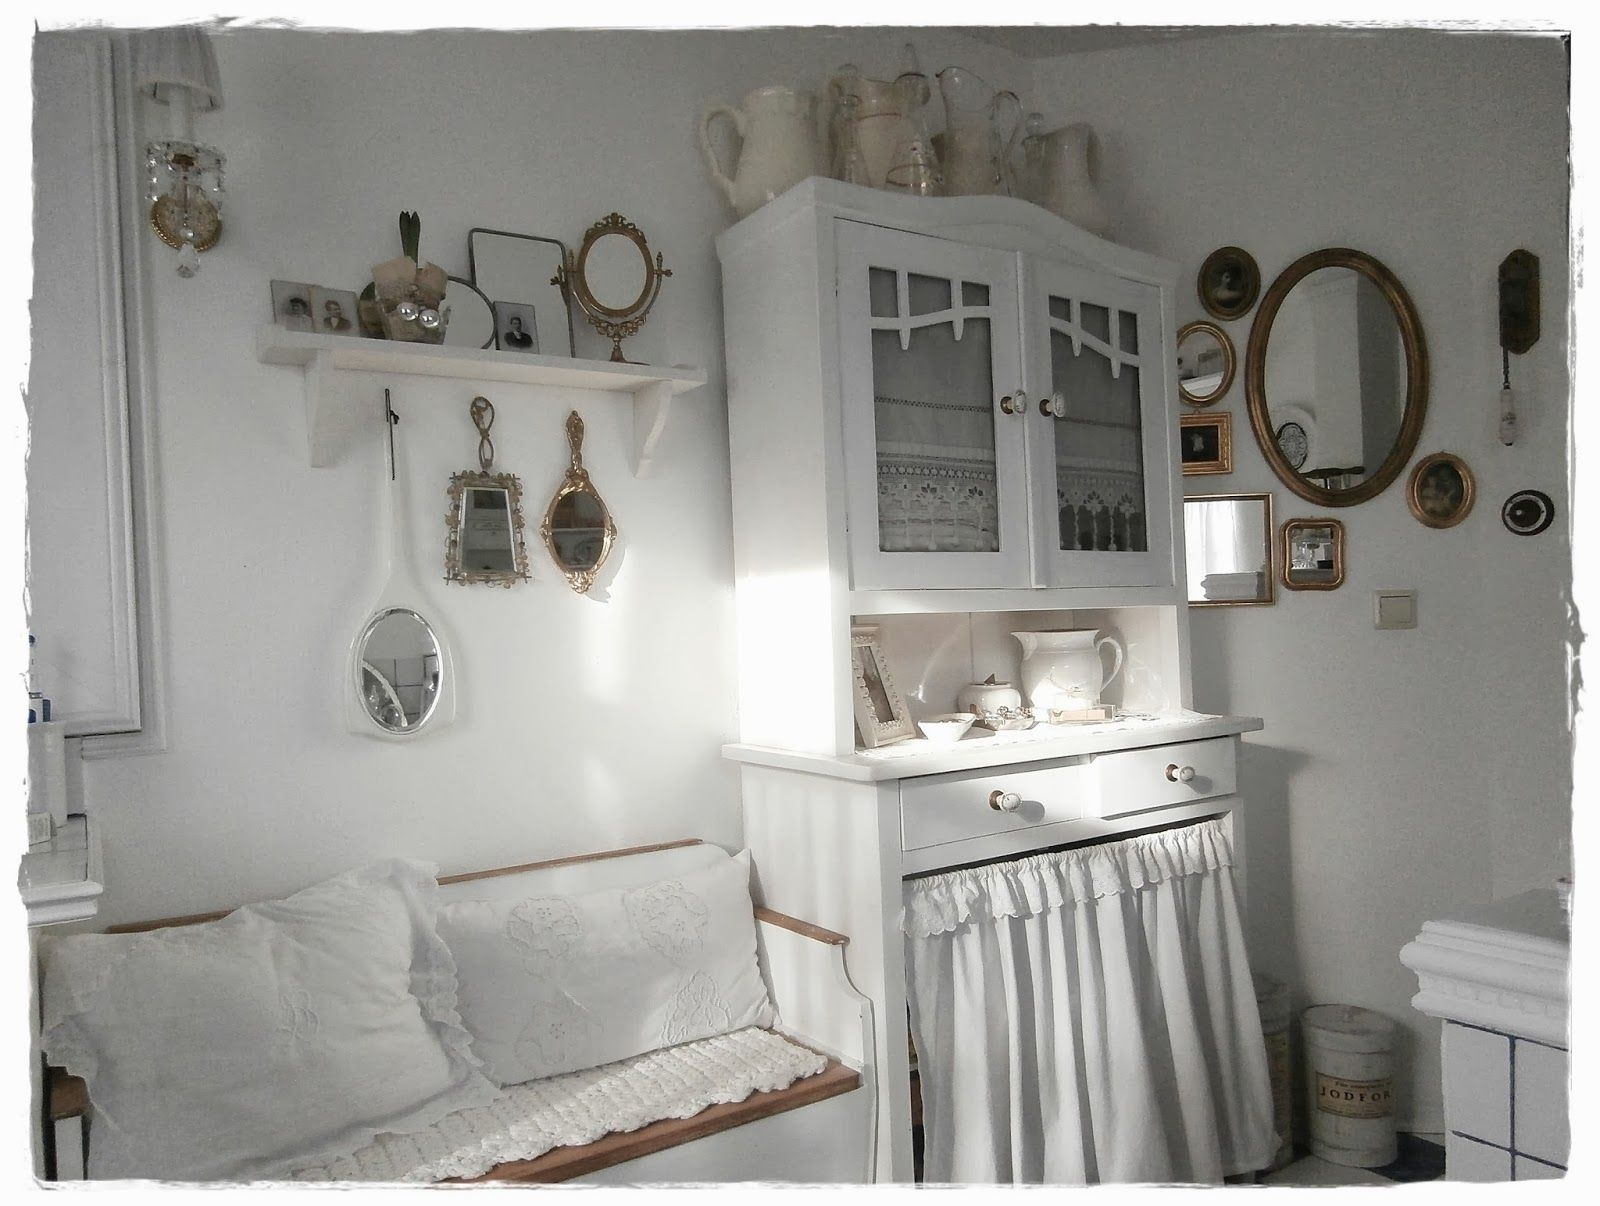 Badezimmer Vorhang ~ Badezimmer vorhang stunning badezimmer gardinen ideen badezimmer